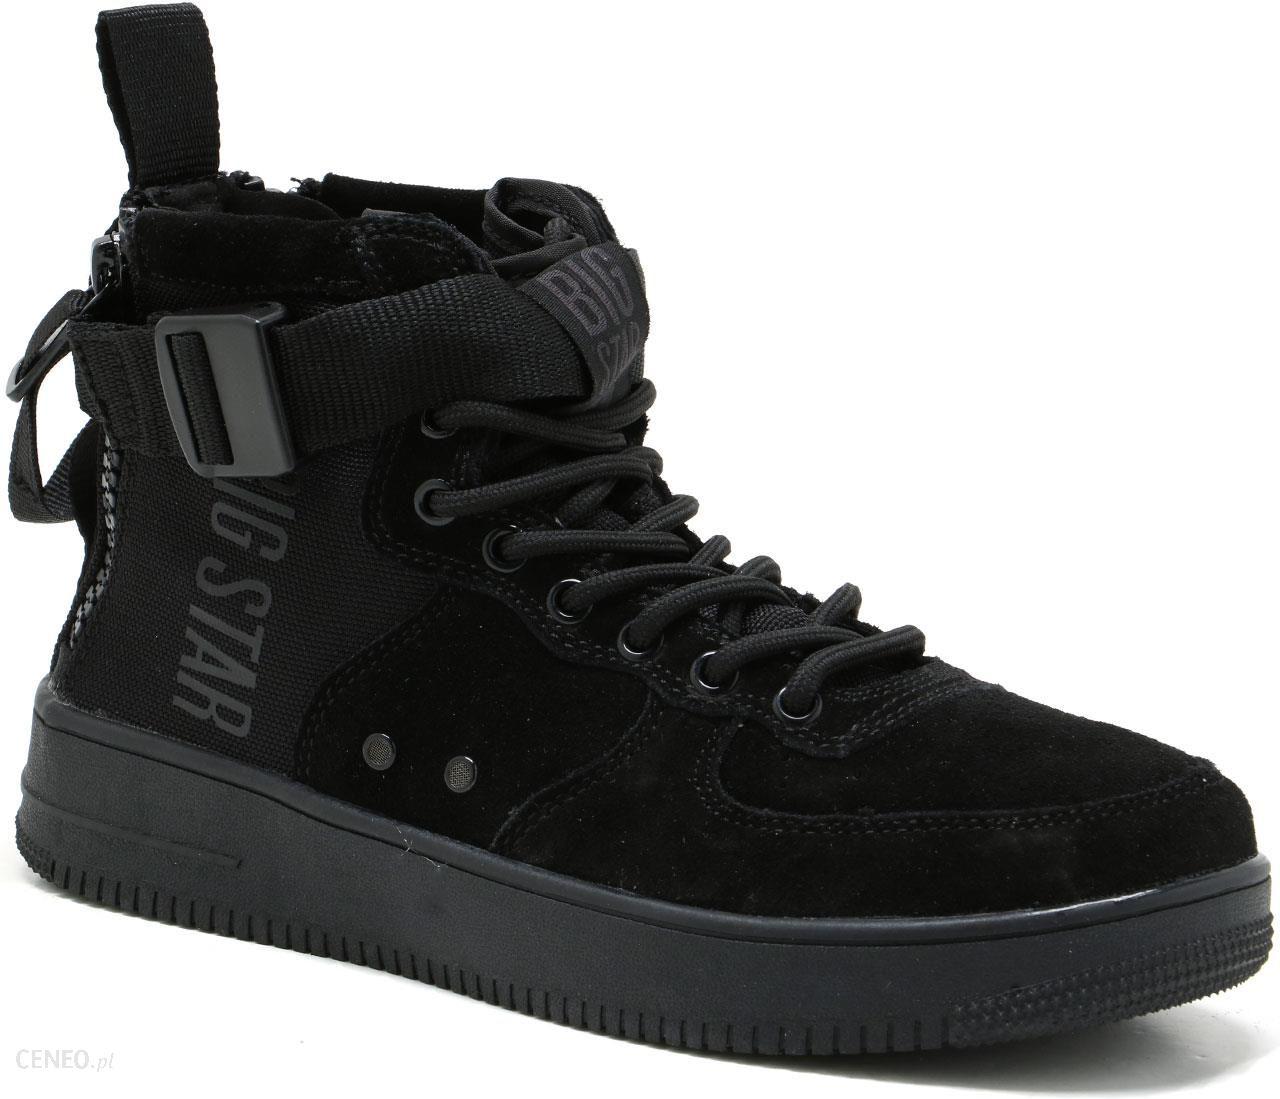 Sneakersy Damskie Trampki Czarne Big Star EE274662   Bugo.pl